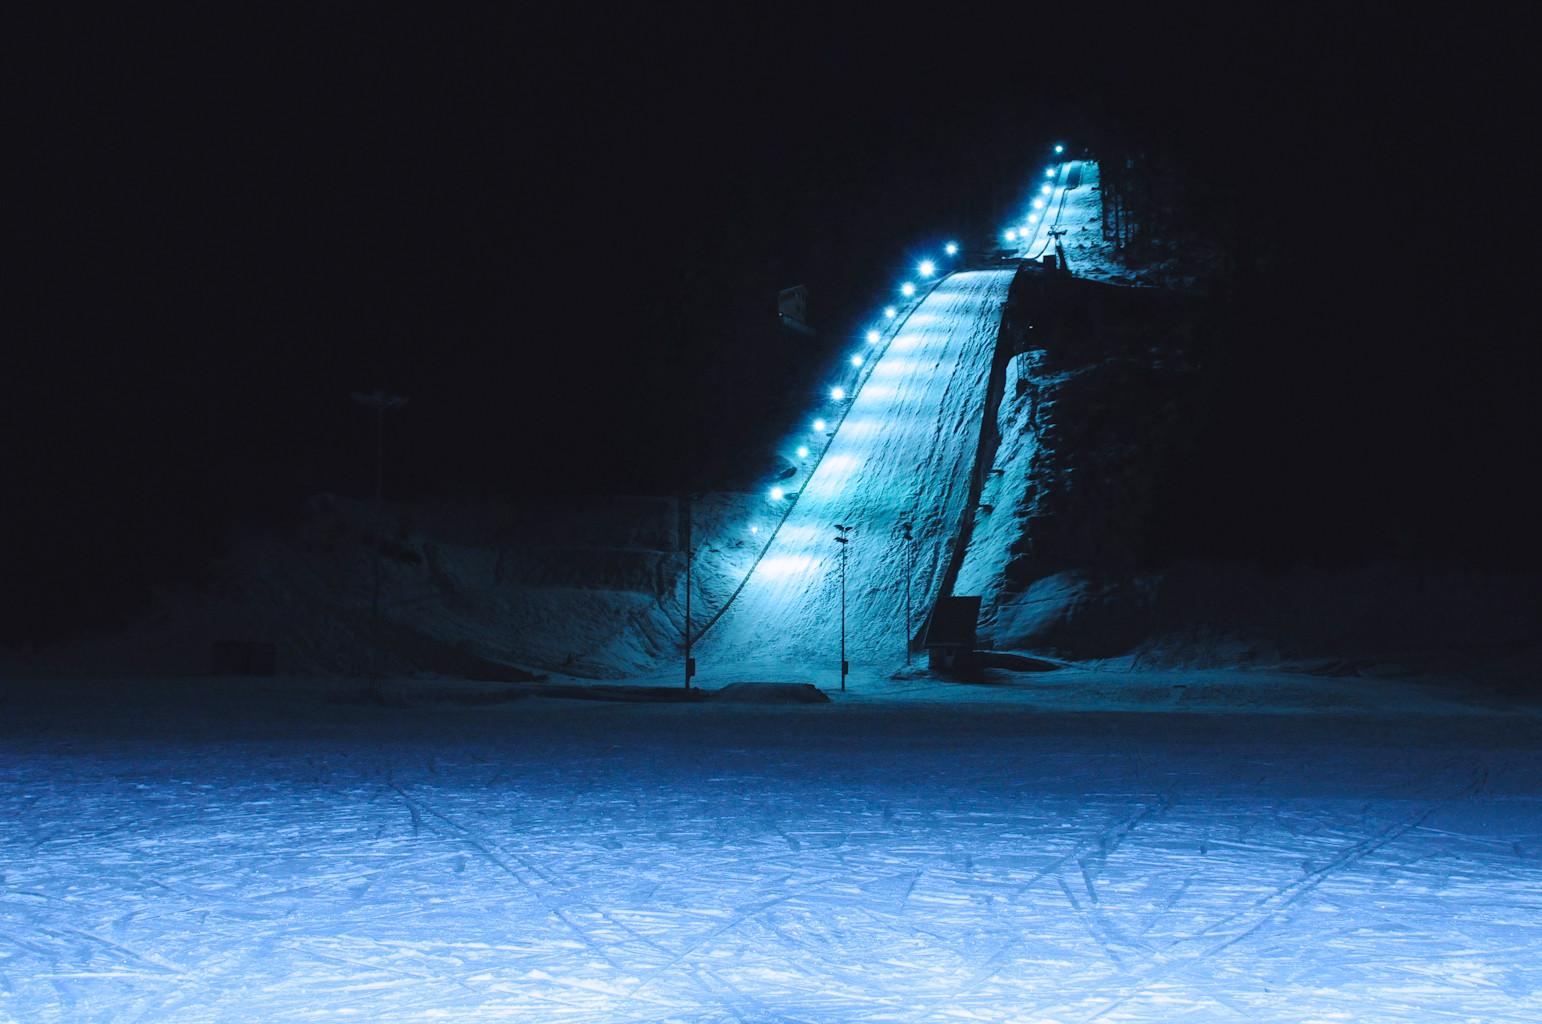 Ski-Jumping Hill